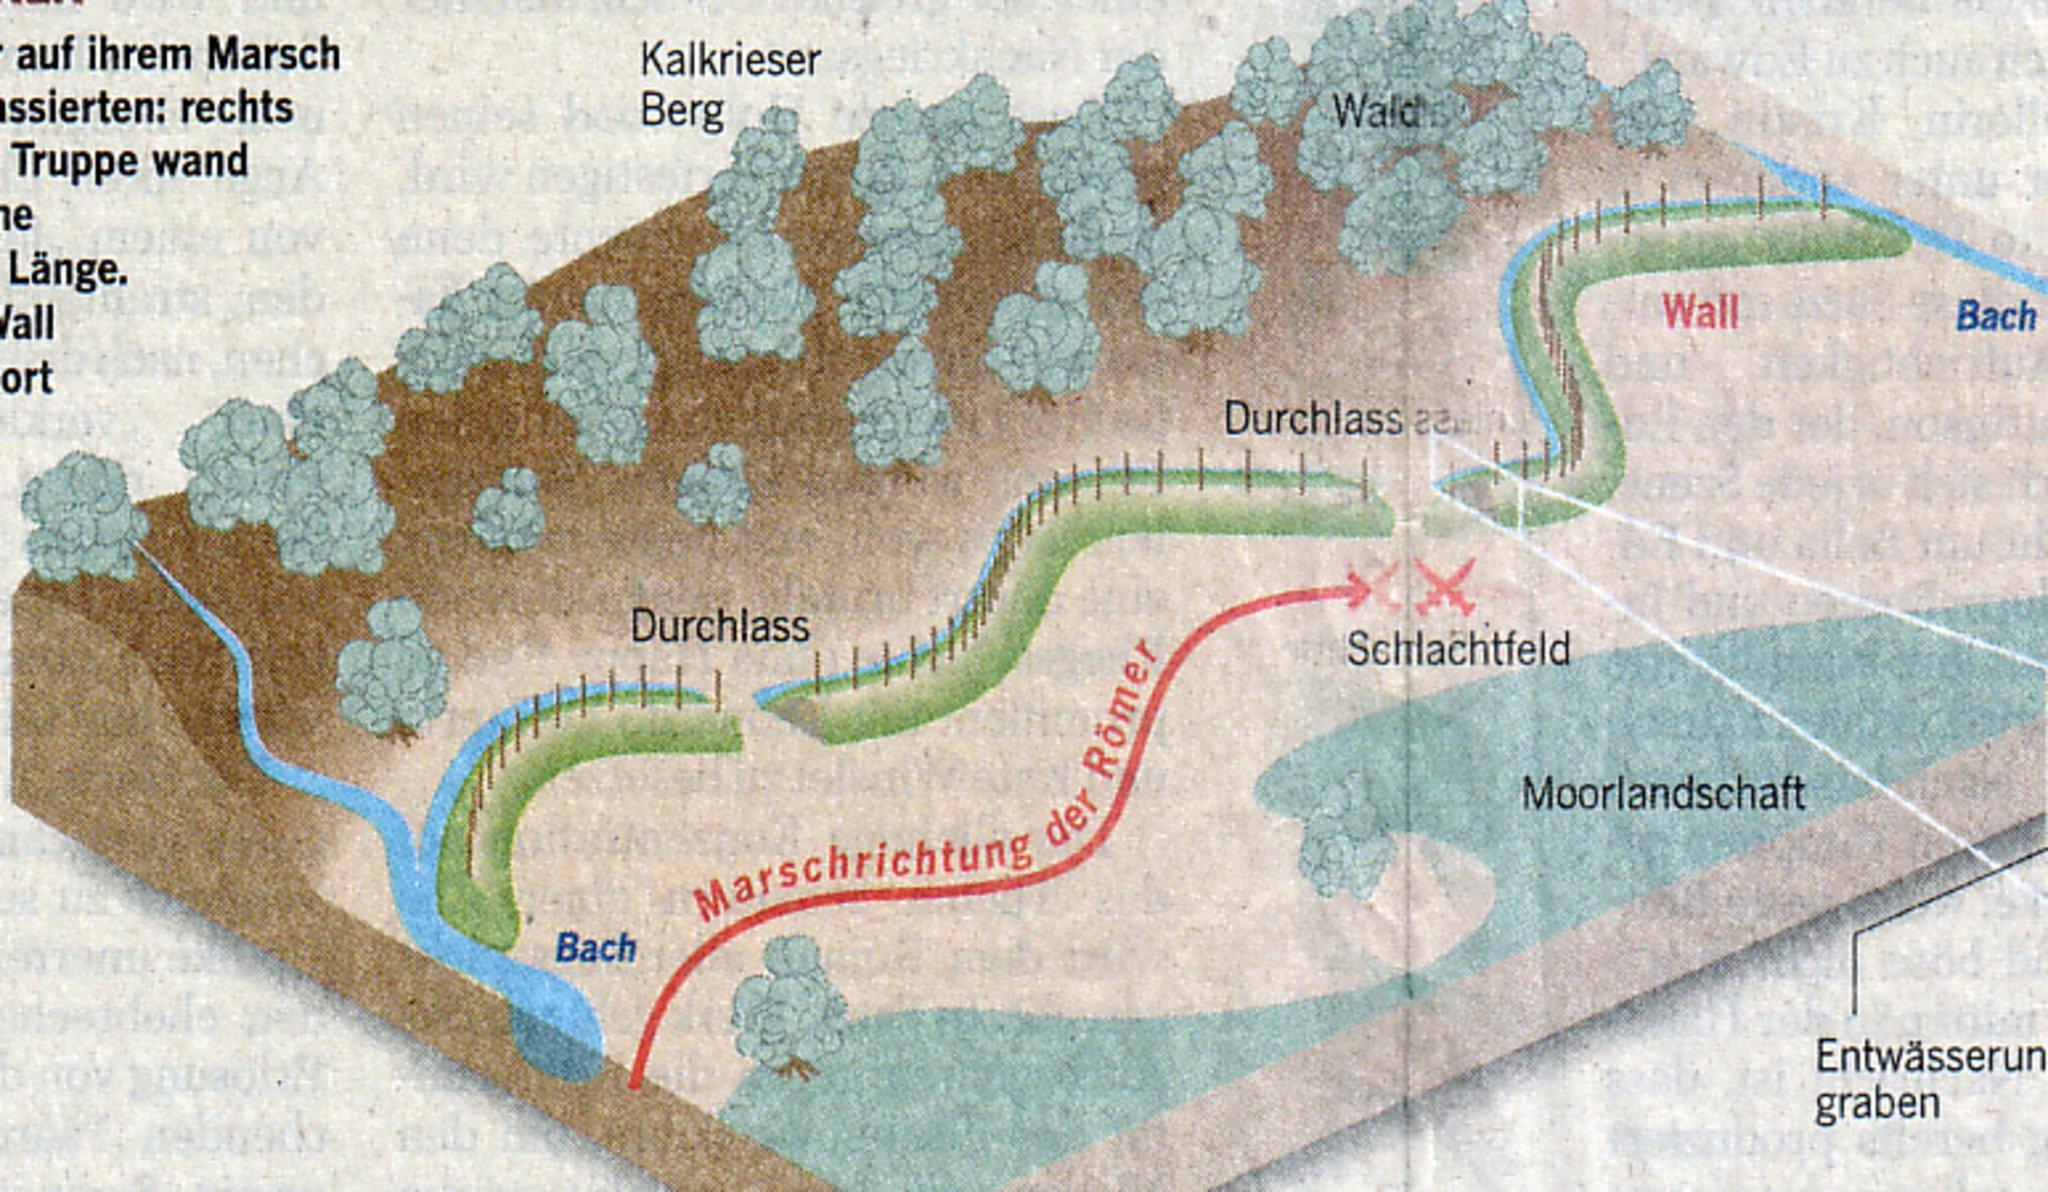 Varusschlacht Karte.Die Varusschlacht War Nicht In Kalkriese Essen West